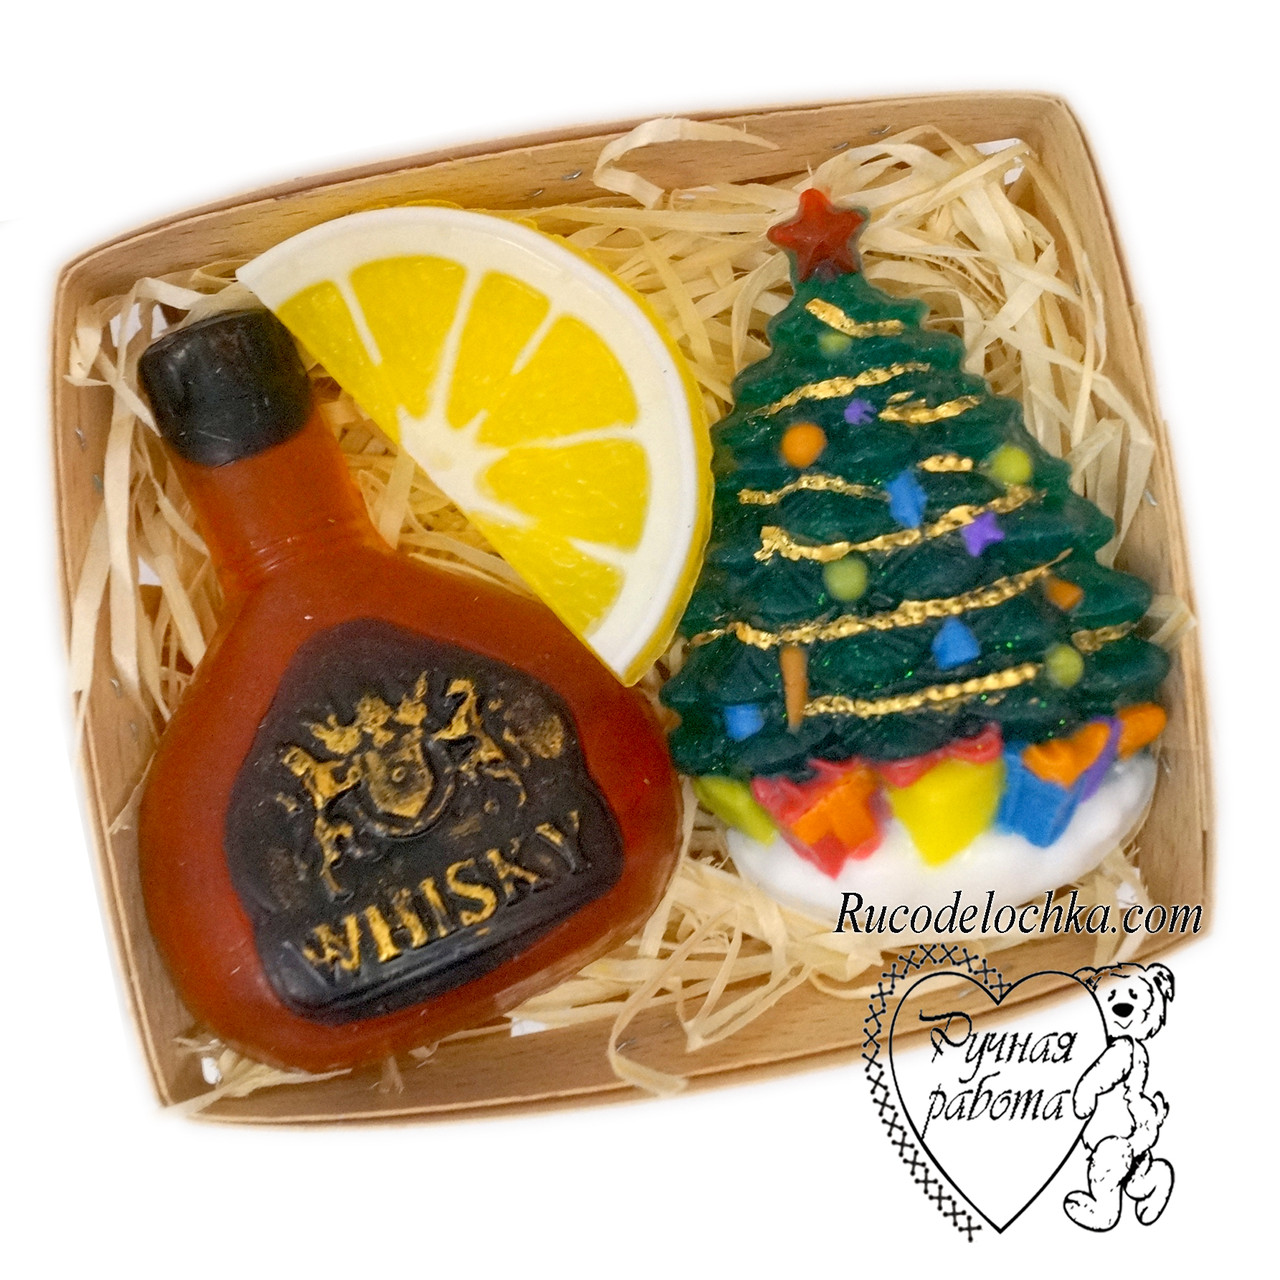 Мило новорічне чоловіче в наборі, новорічний подарунок, віскі, лимон, ялинка